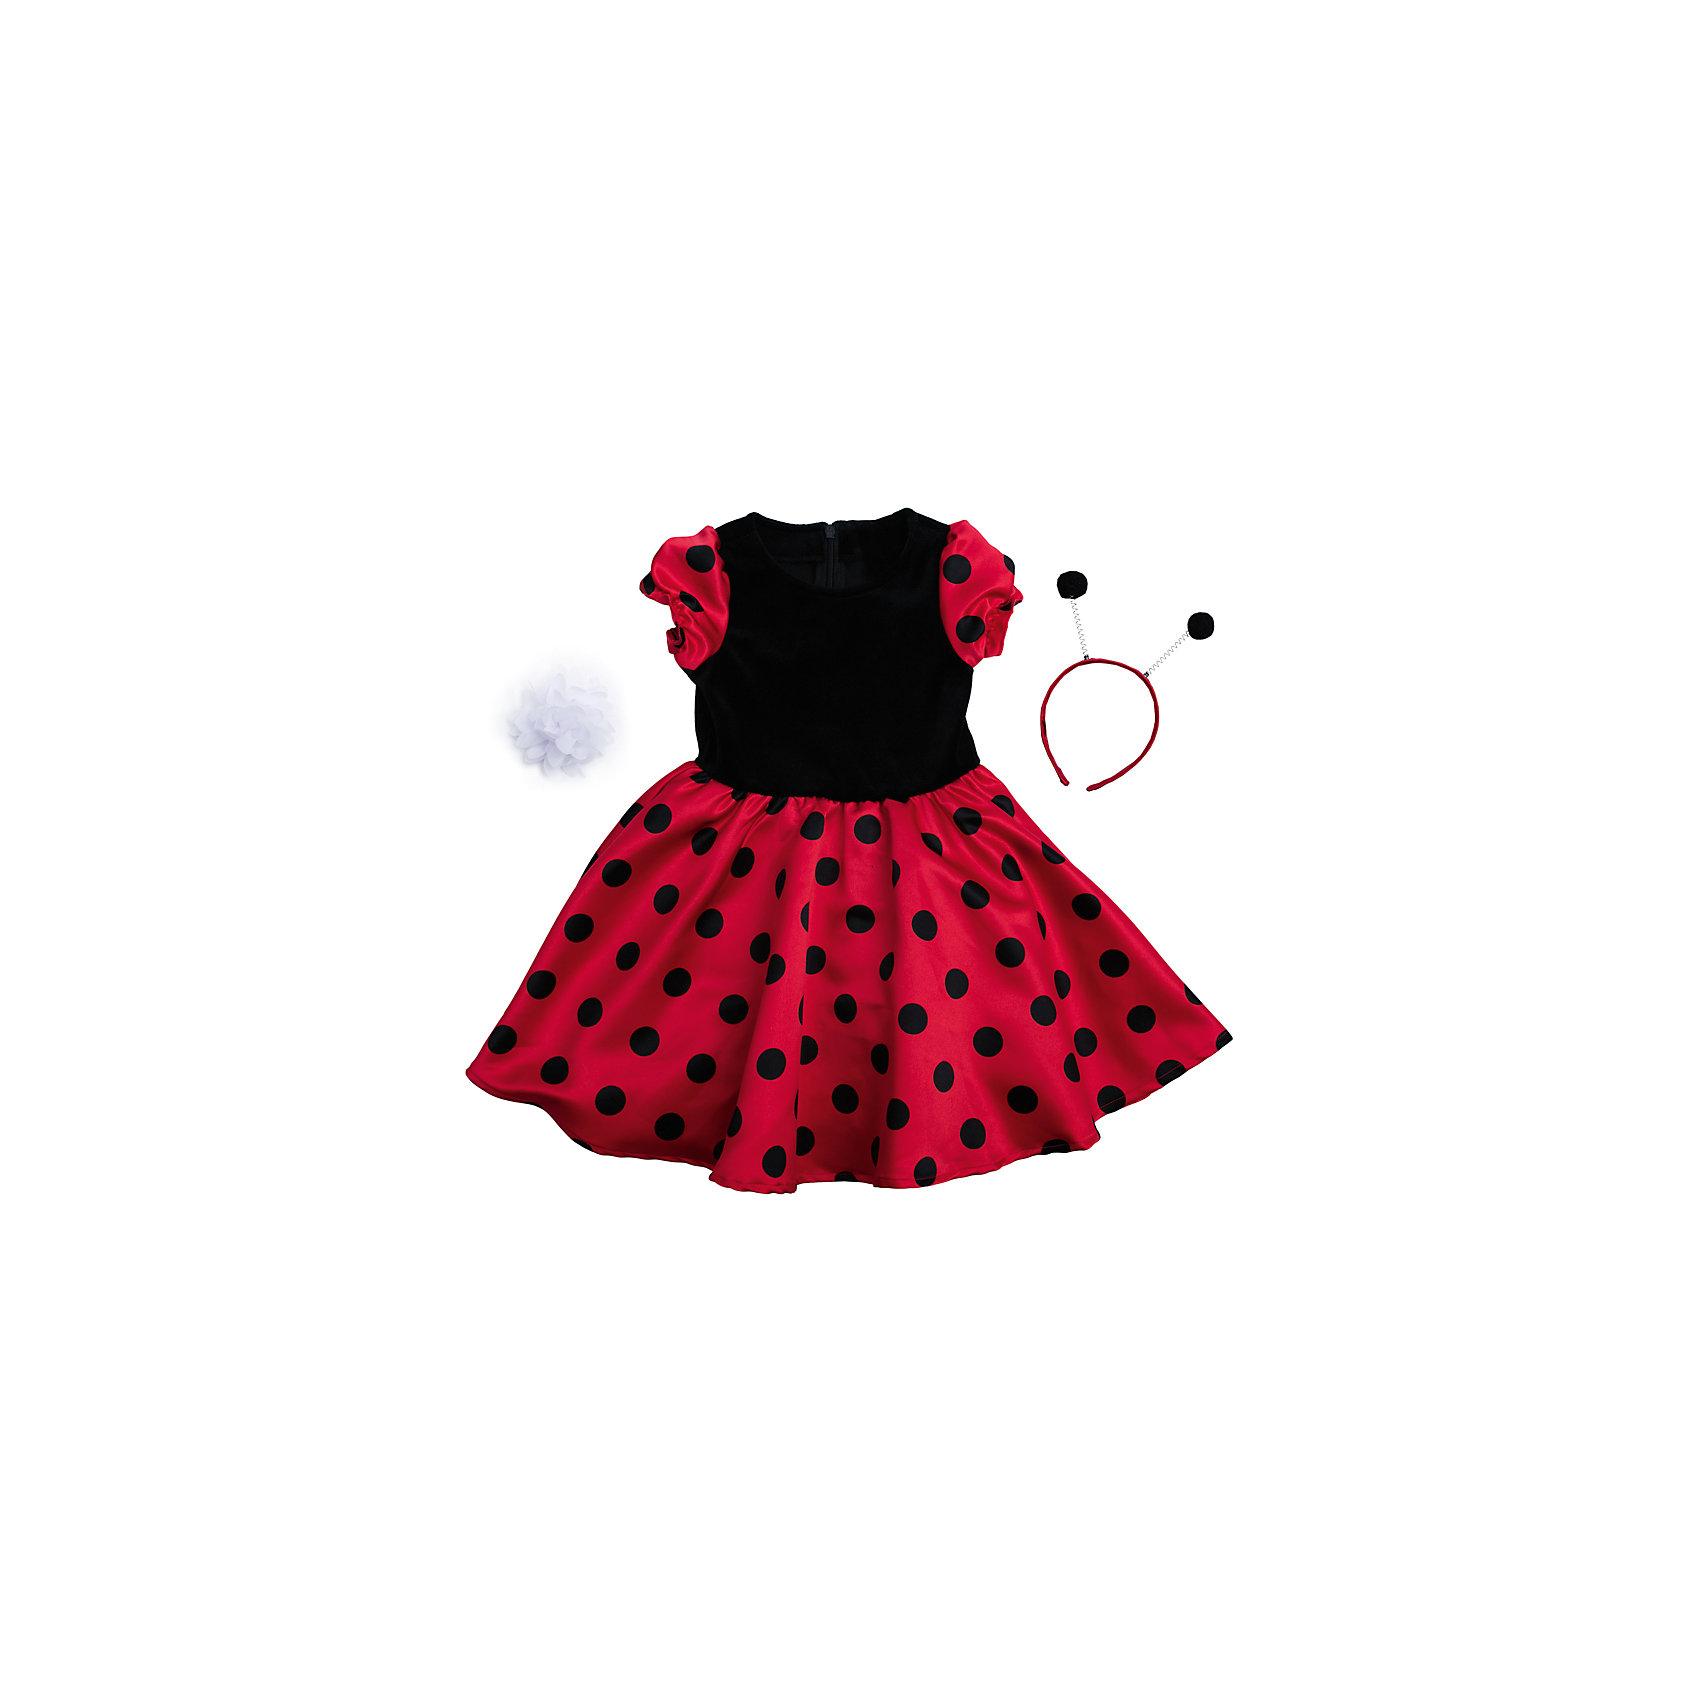 Нарядное платье для девочки PlayTodayОдежда<br>Платье для девочки от известного бренда PlayToday.<br>Платье с короткими рукавами.<br><br>Модель из комбинарованного материала. Верх выполнен из мягкого велюра, юбка и рукава – из сатина с легким матовым блеском. Застегивается на потайную молнию на спине, рукава-фонарики на мягкой резинке.<br><br>Платье дополнено ободком с рожками божьей коровки и белым цветком, чтобы завершить нарядный образ.<br>Состав:<br>Верх: 75% хлопок, 25% полиамид, подкладка: 100% хлопок<br><br>Ширина мм: 236<br>Глубина мм: 16<br>Высота мм: 184<br>Вес г: 177<br>Цвет: красный<br>Возраст от месяцев: 72<br>Возраст до месяцев: 84<br>Пол: Женский<br>Возраст: Детский<br>Размер: 122,104,128,110,116,98<br>SKU: 5113876